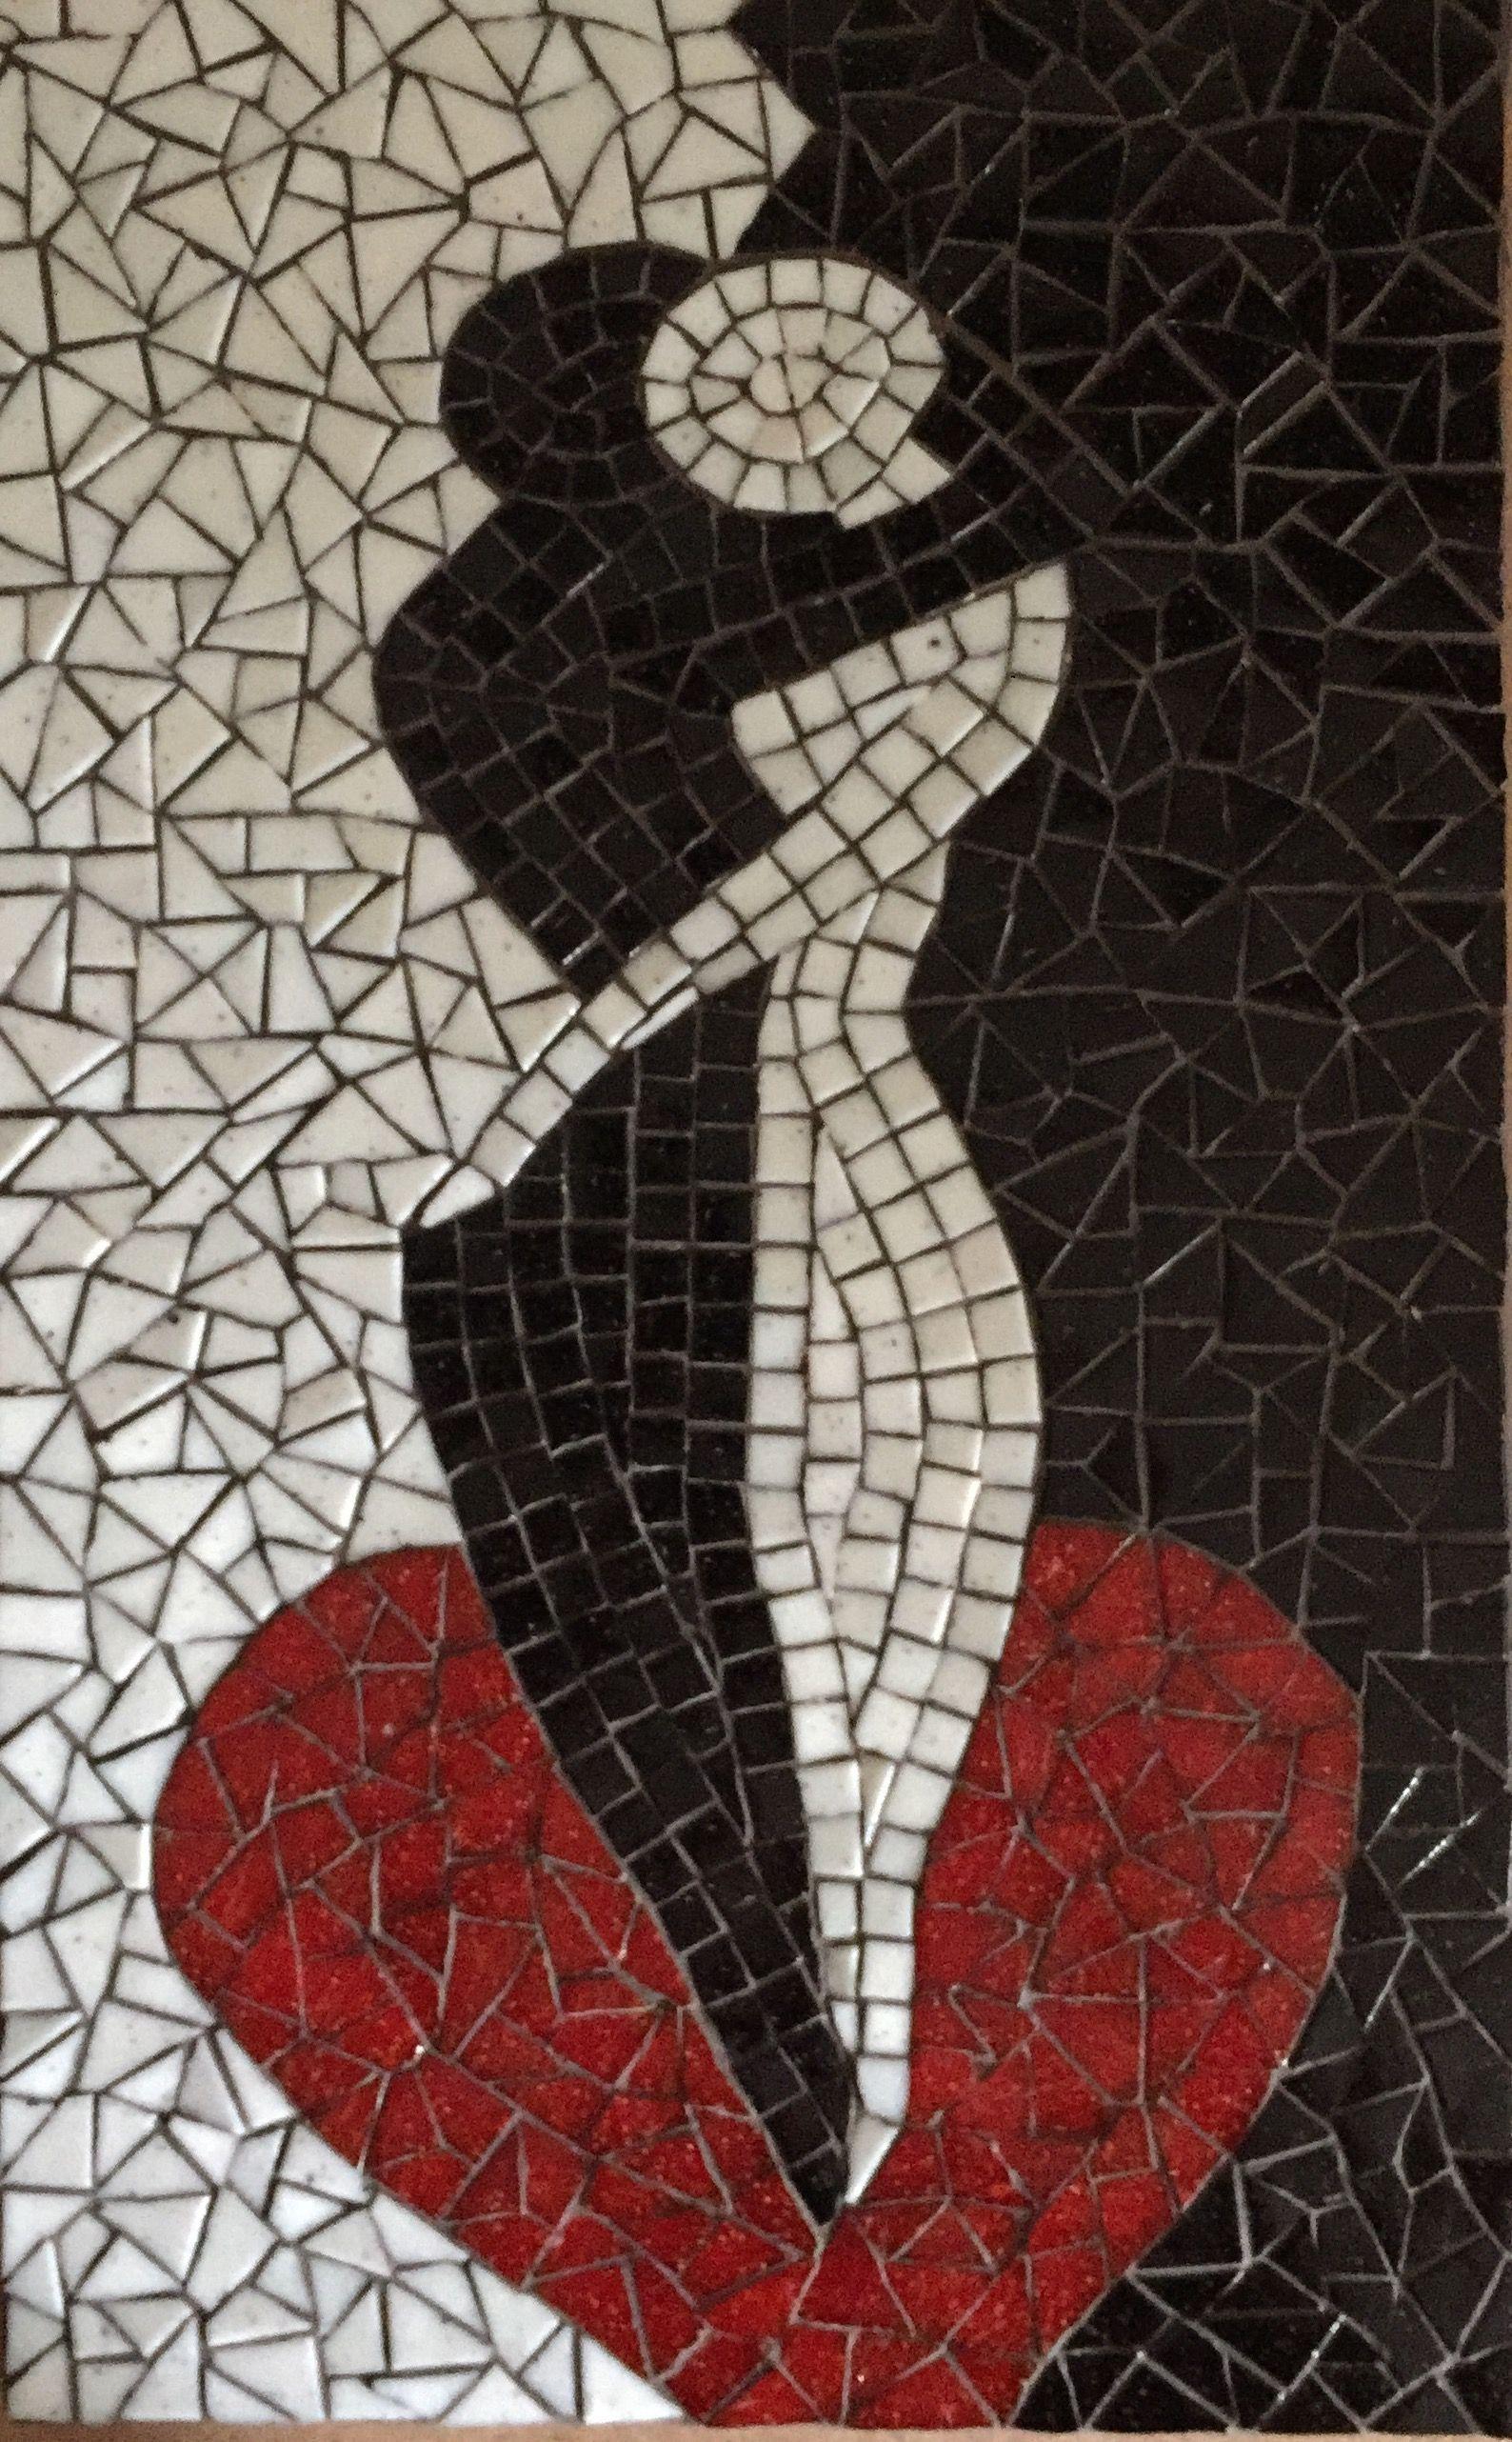 Épinglé par NATHY sur IDEES MOSAIQUES | Pinterest | Mosaique ...